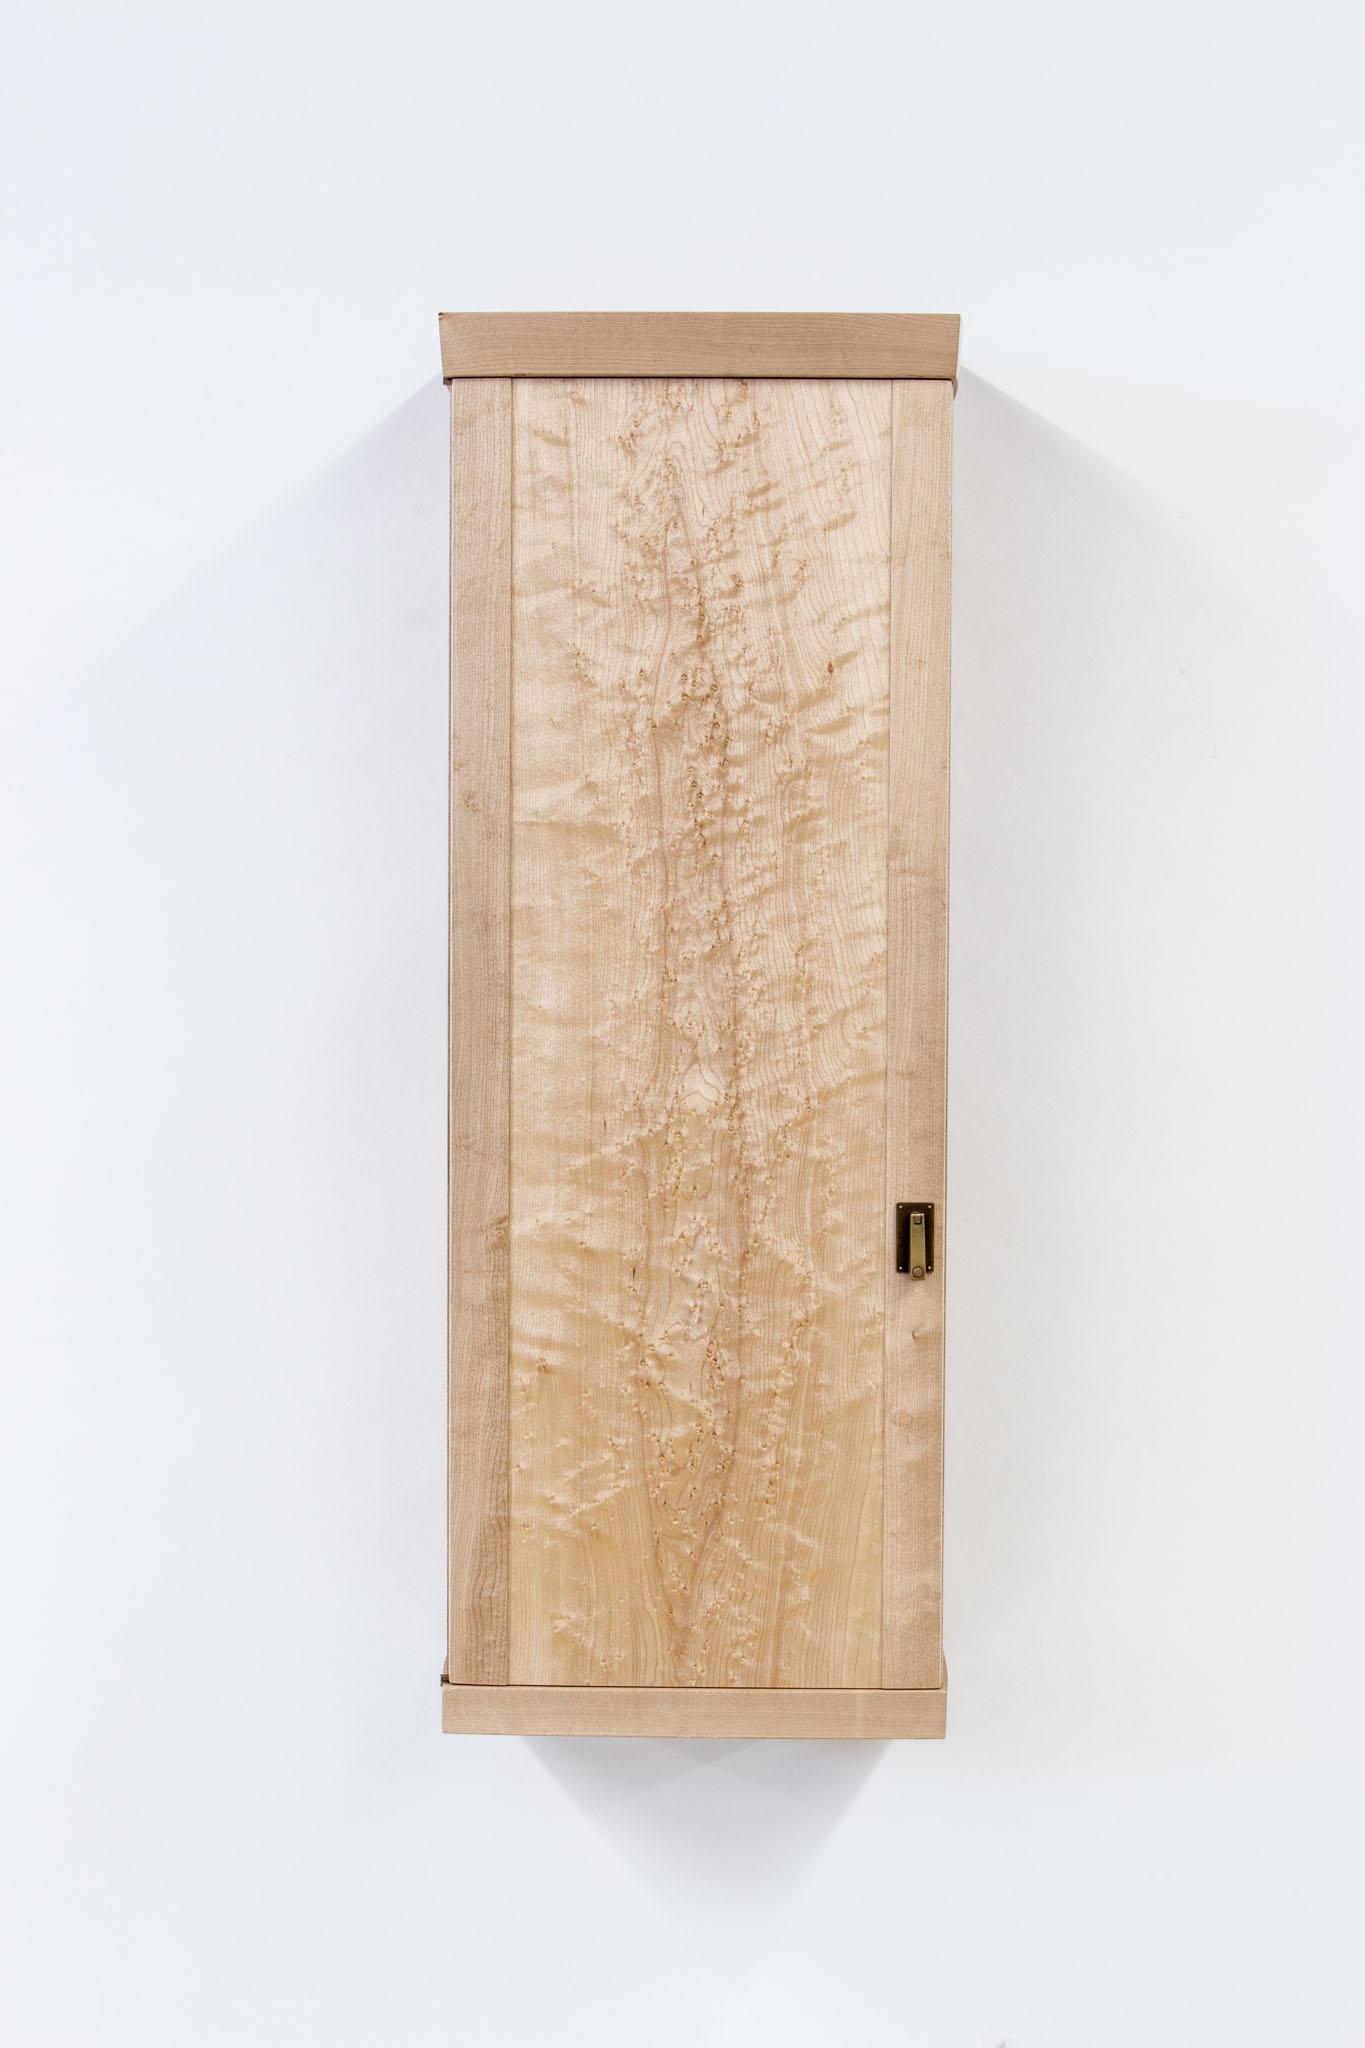 Loehrlein maple curved door cab